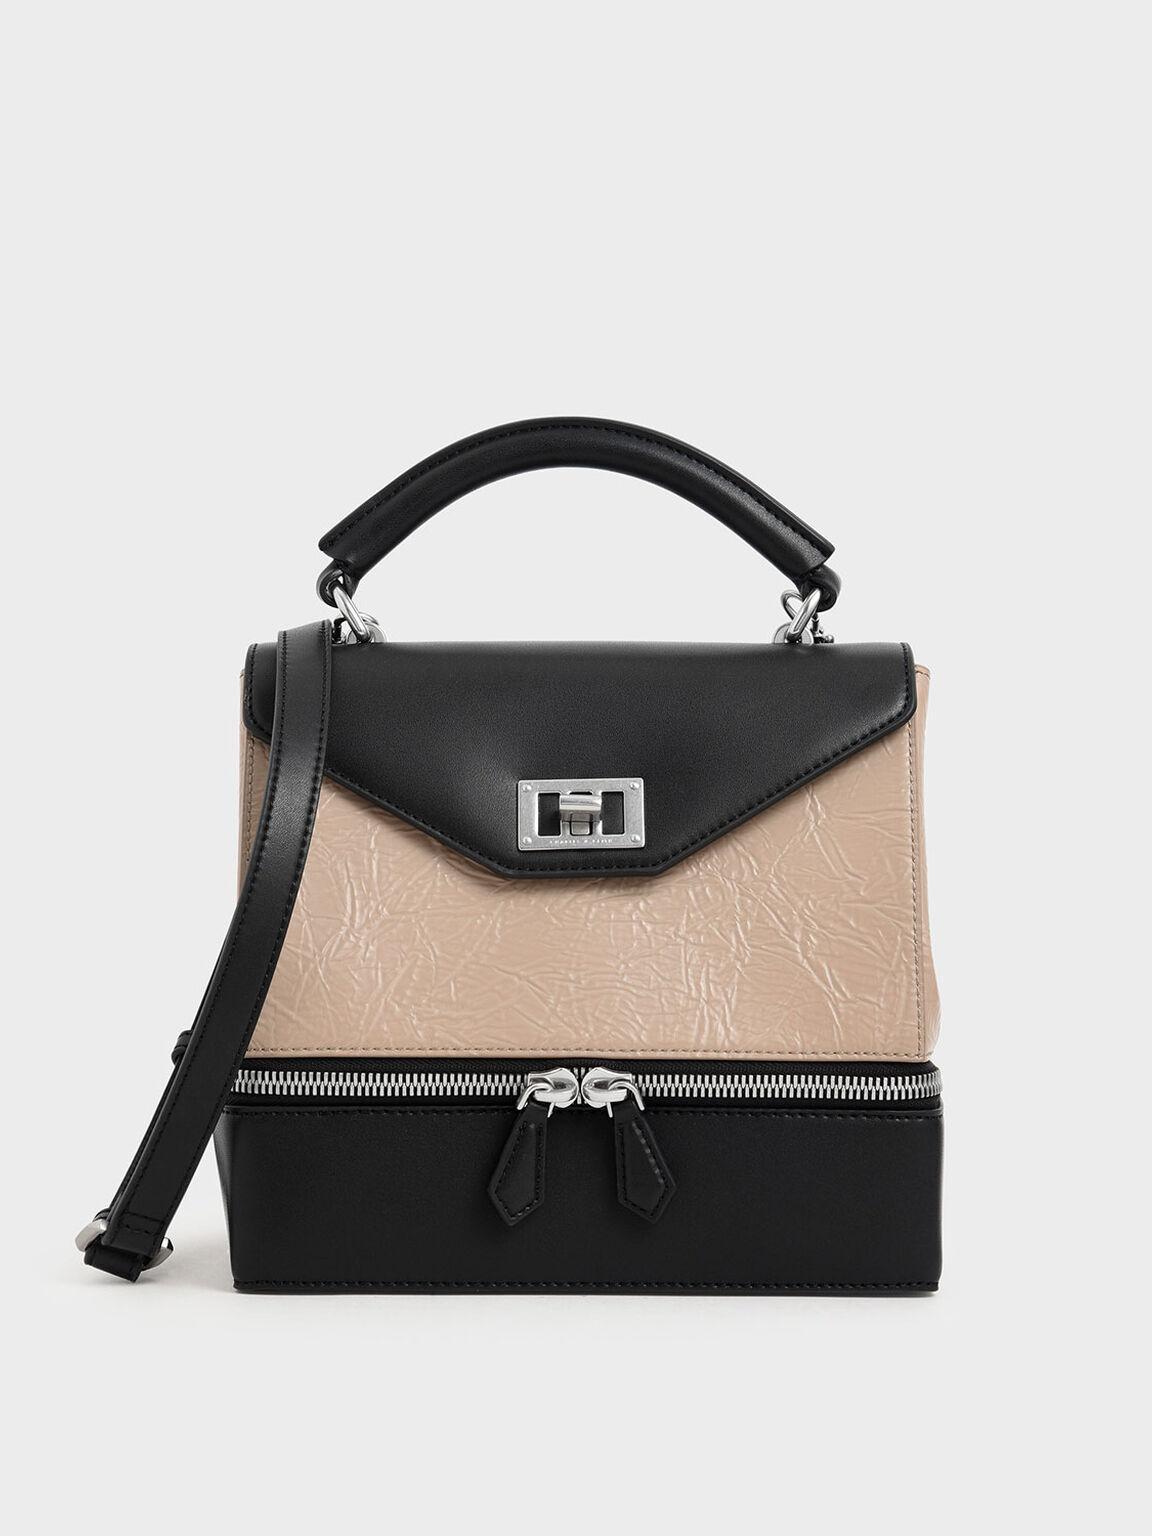 Wrinkled Effect Two-Way Zip Top Handle Bag, Beige, hi-res